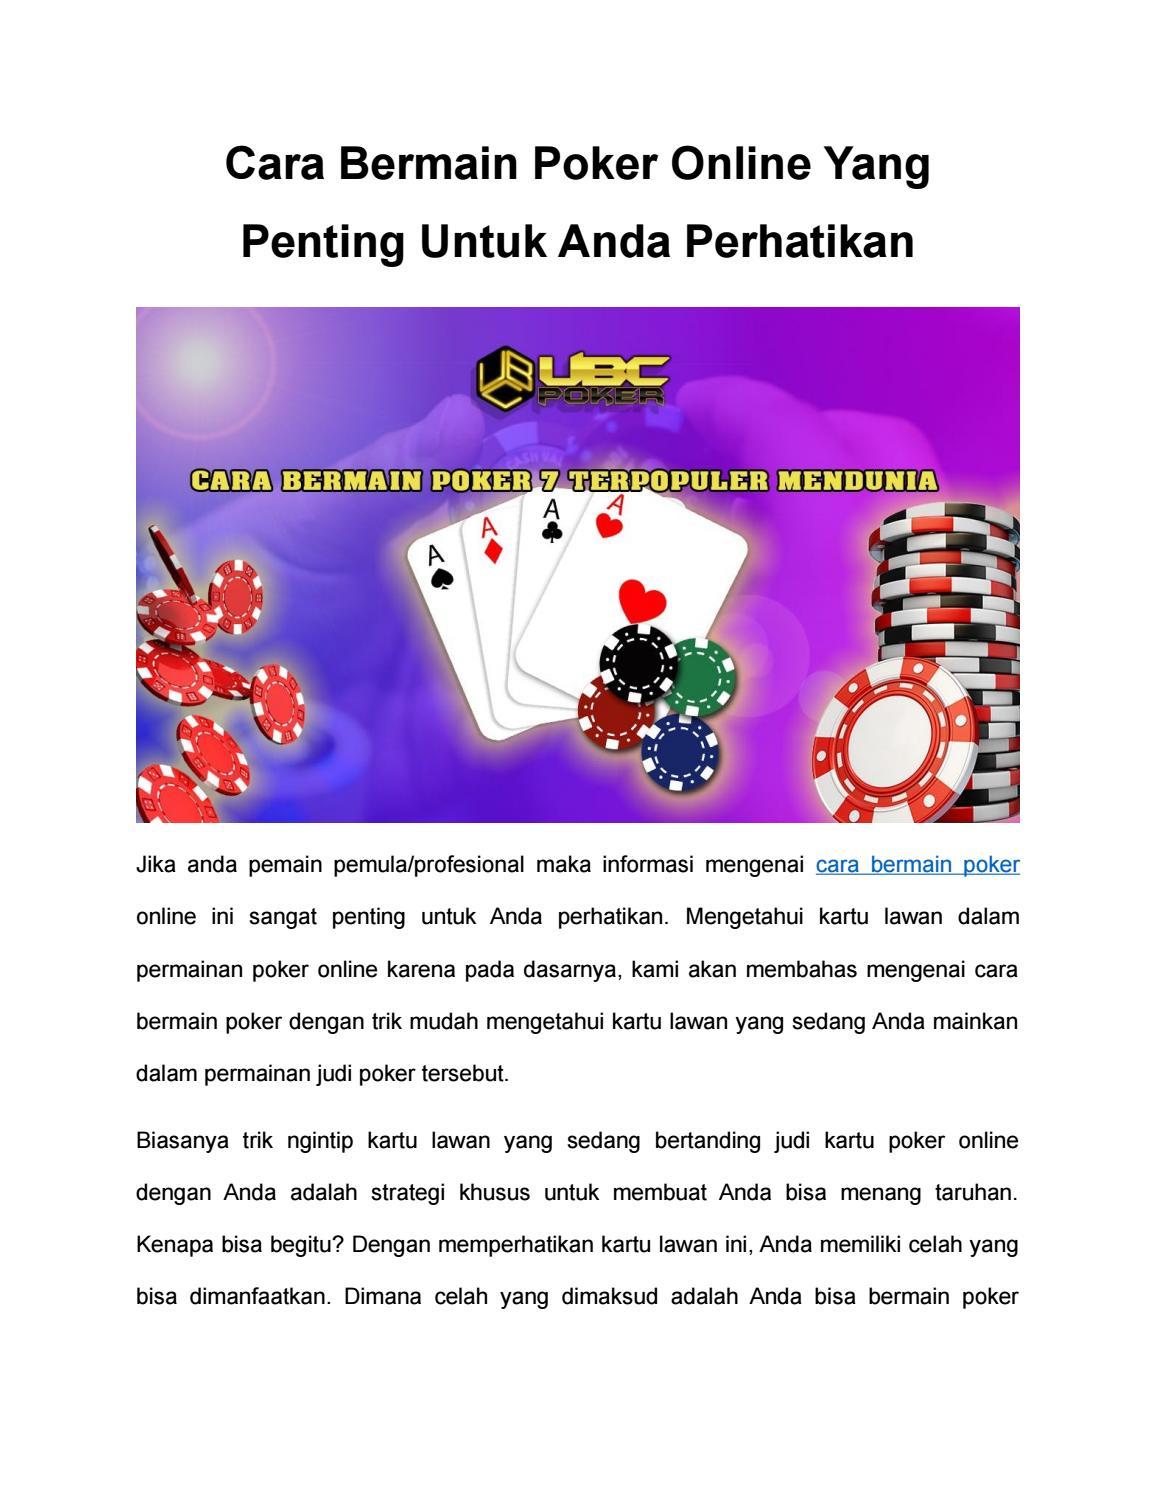 Cara Supaya Menang Judi Kartu : supaya, menang, kartu, Bermain, Poker, Online, Penting, Untuk, Perhatikan, Anika, Issuu